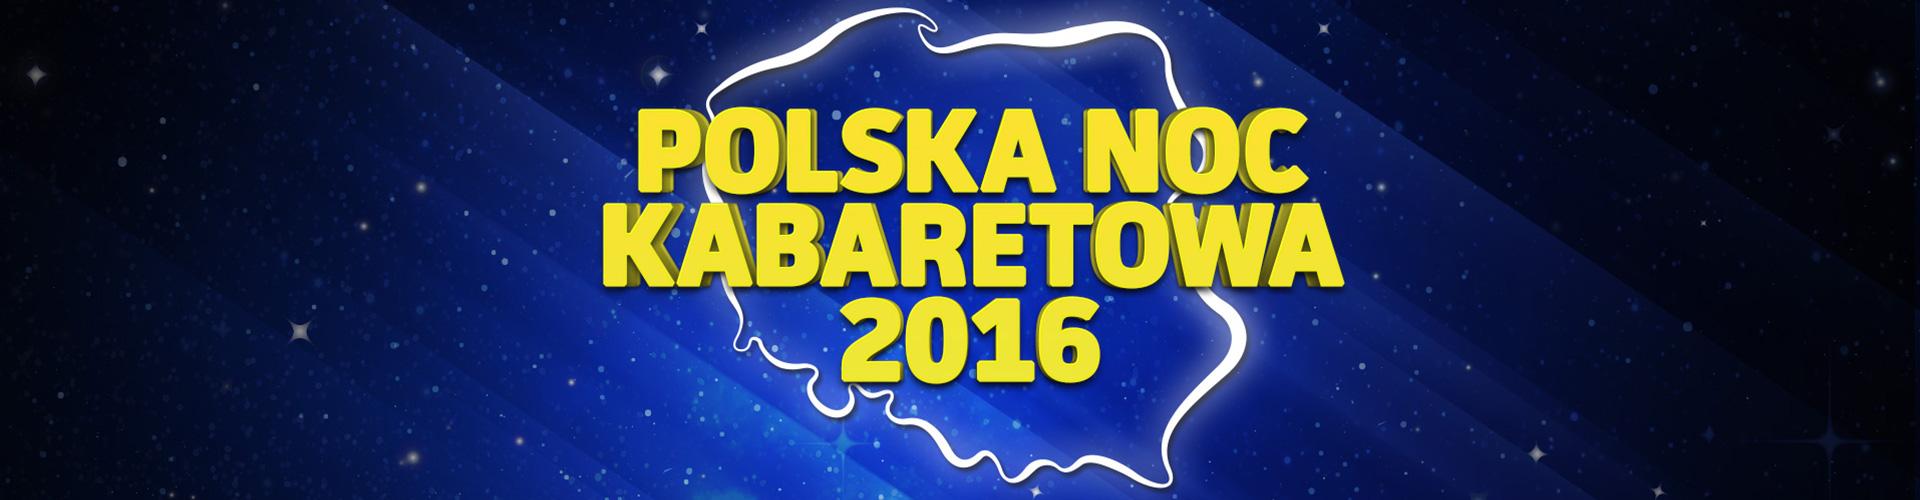 slide_polskanockabaretowa2016